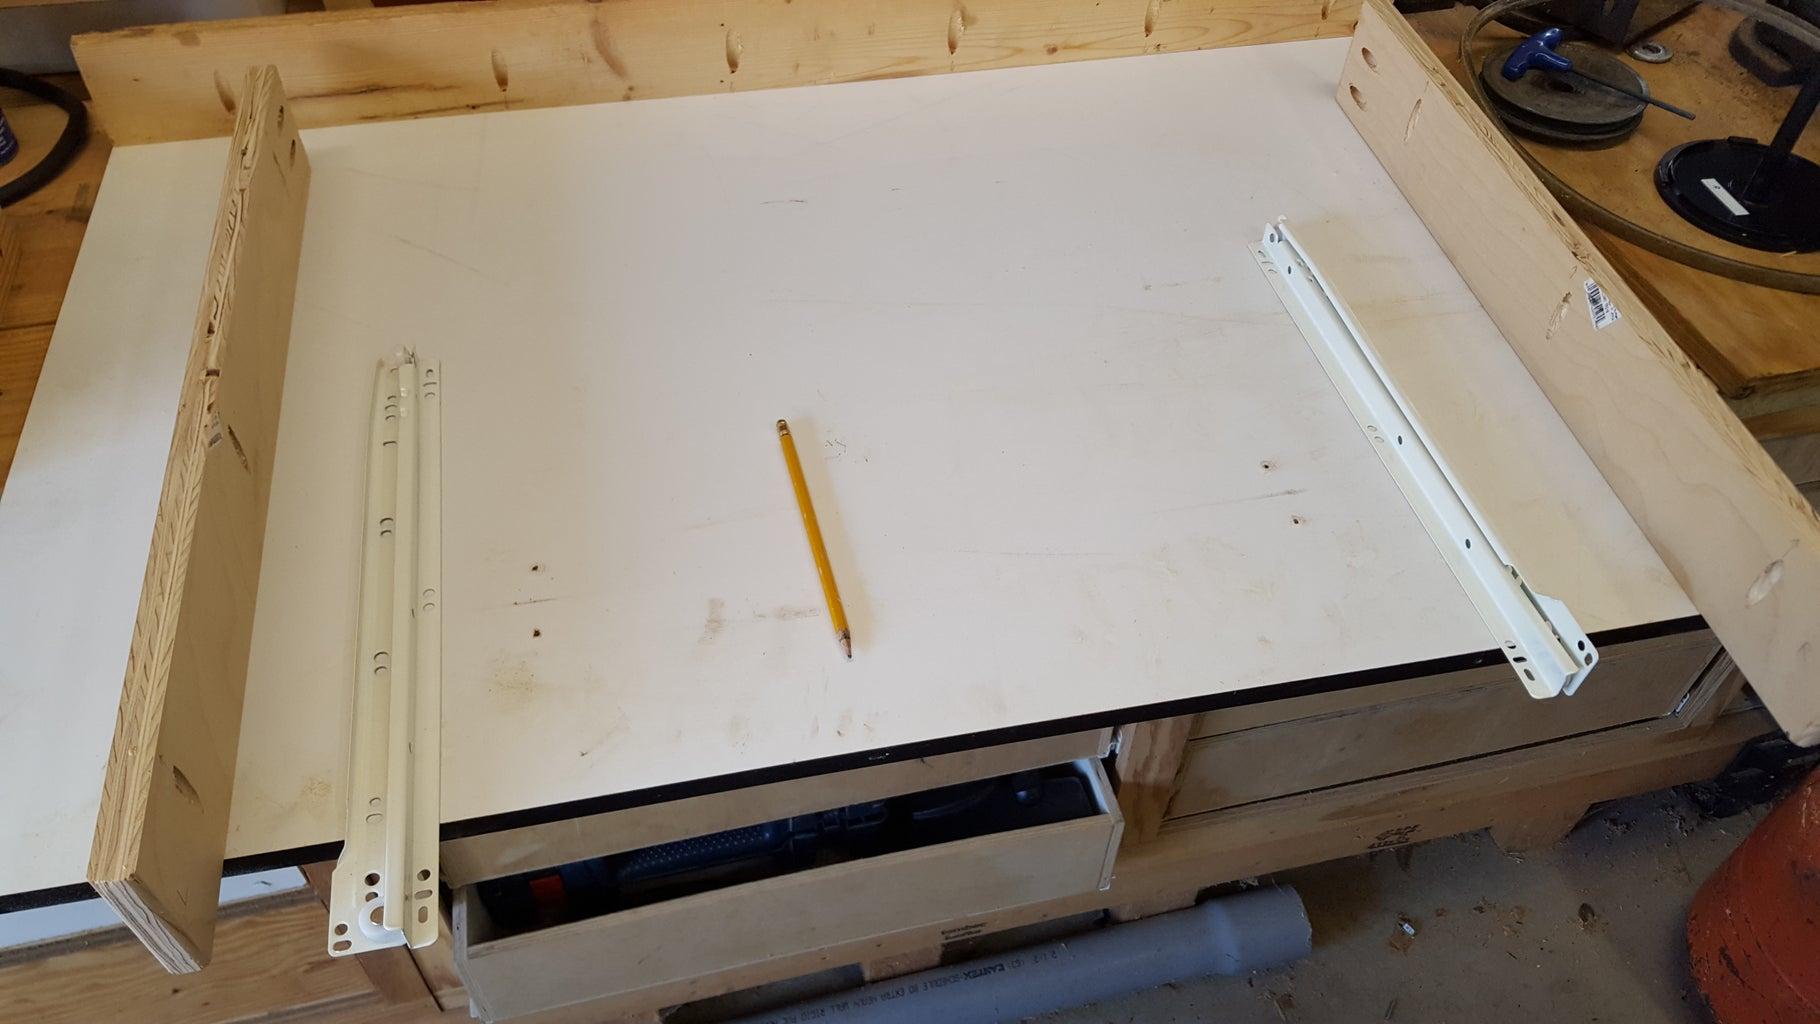 Install Outer Drawer Slides